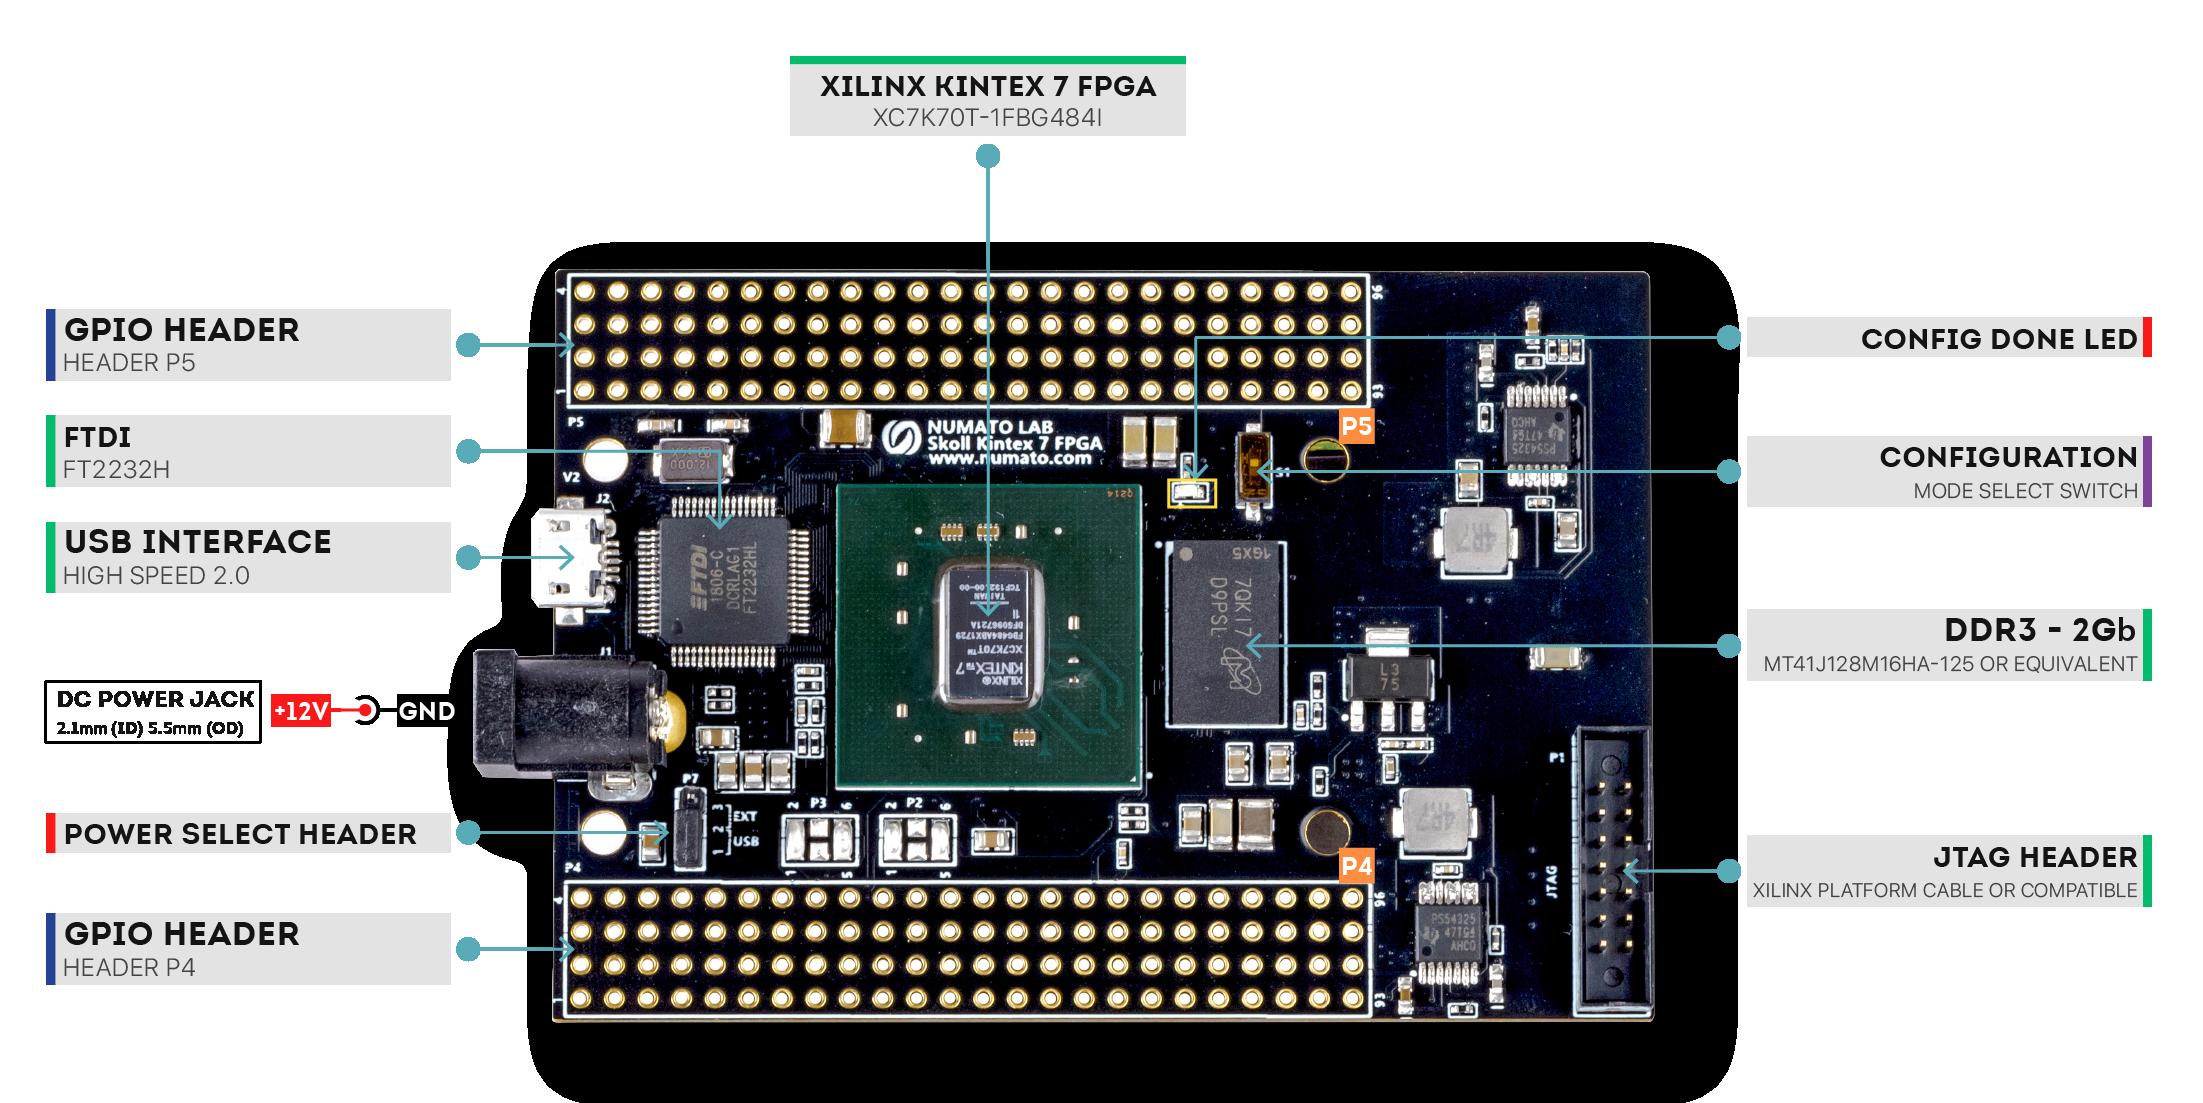 Skoll Kintex-7 FPGA Board - Wiring Diagram